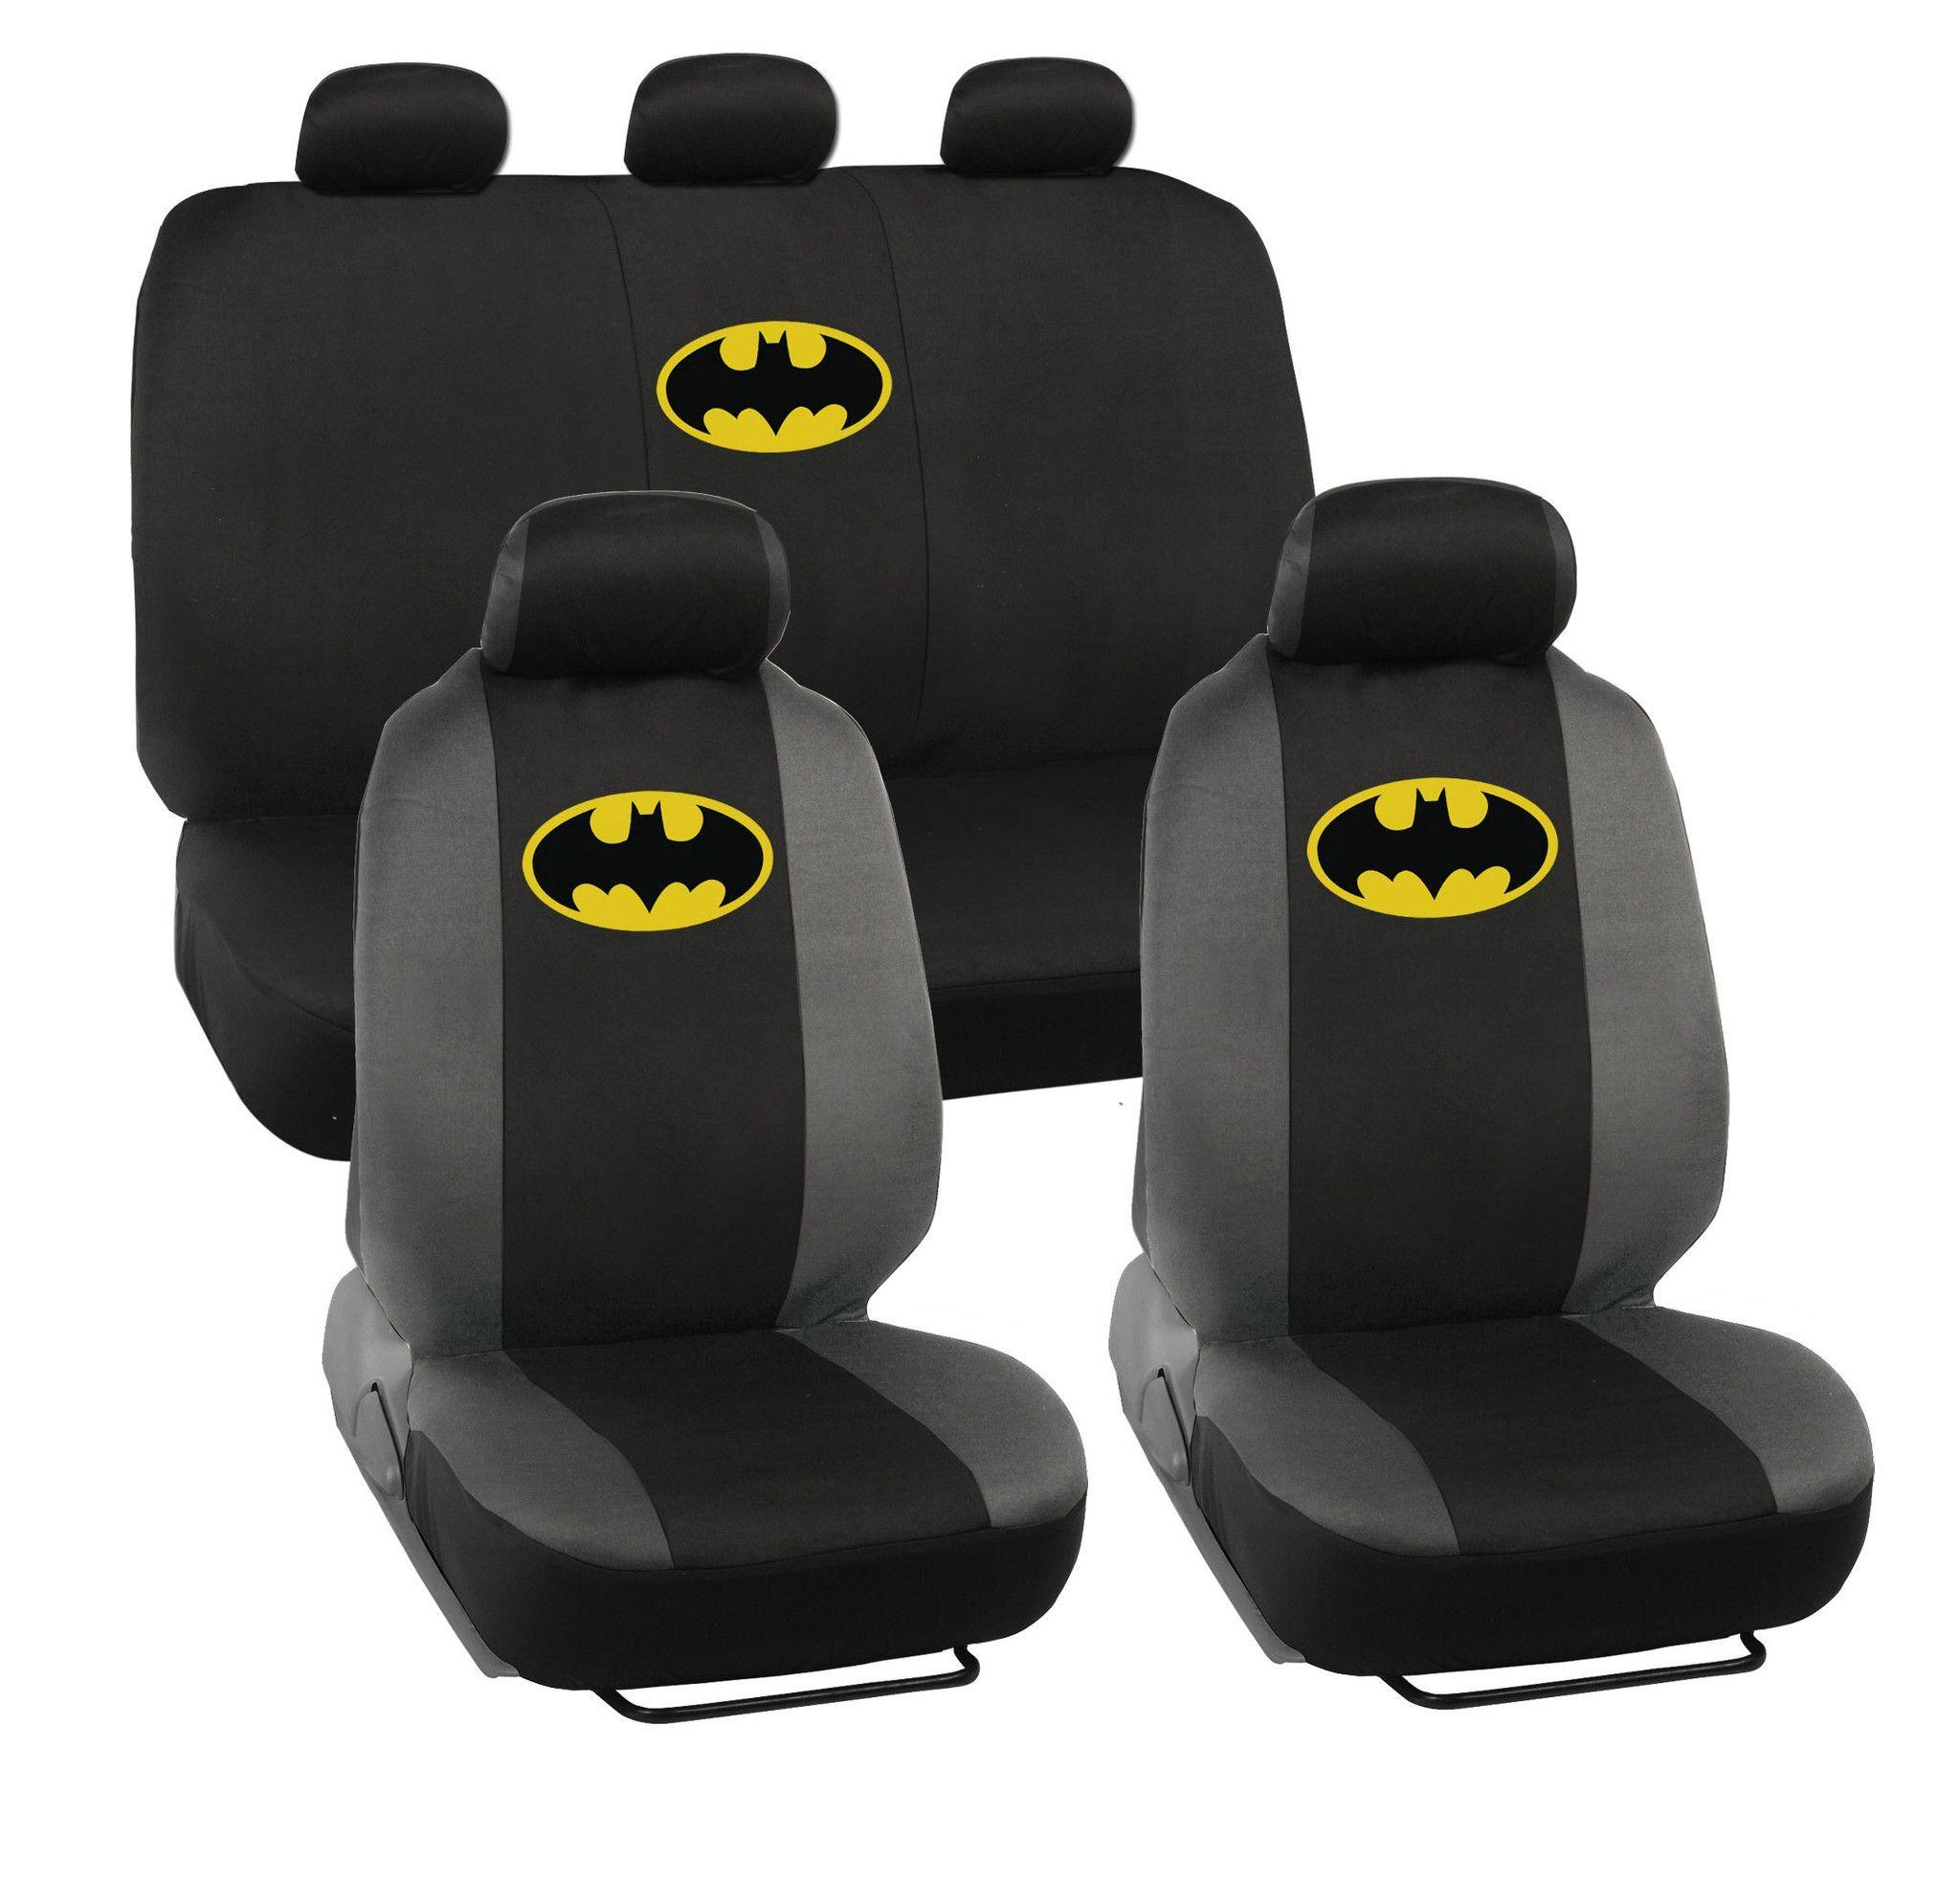 Classic Batman Seat Covers